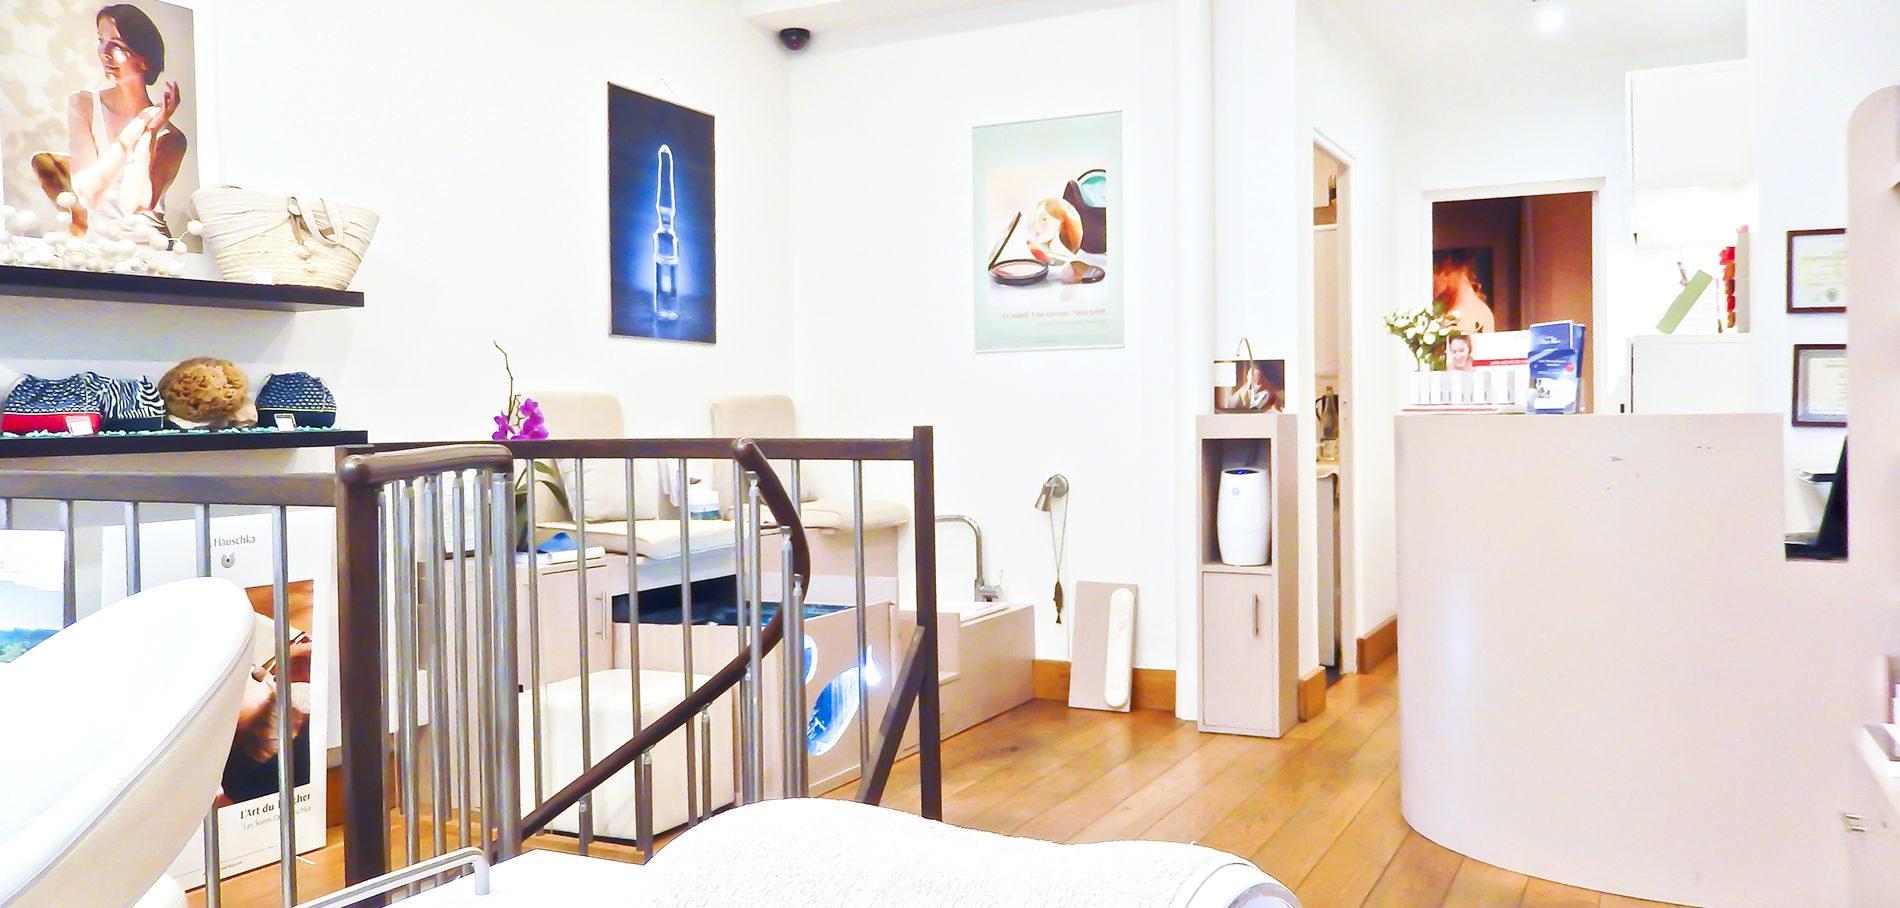 institu-beaute-paris-10-article-presse-grazia